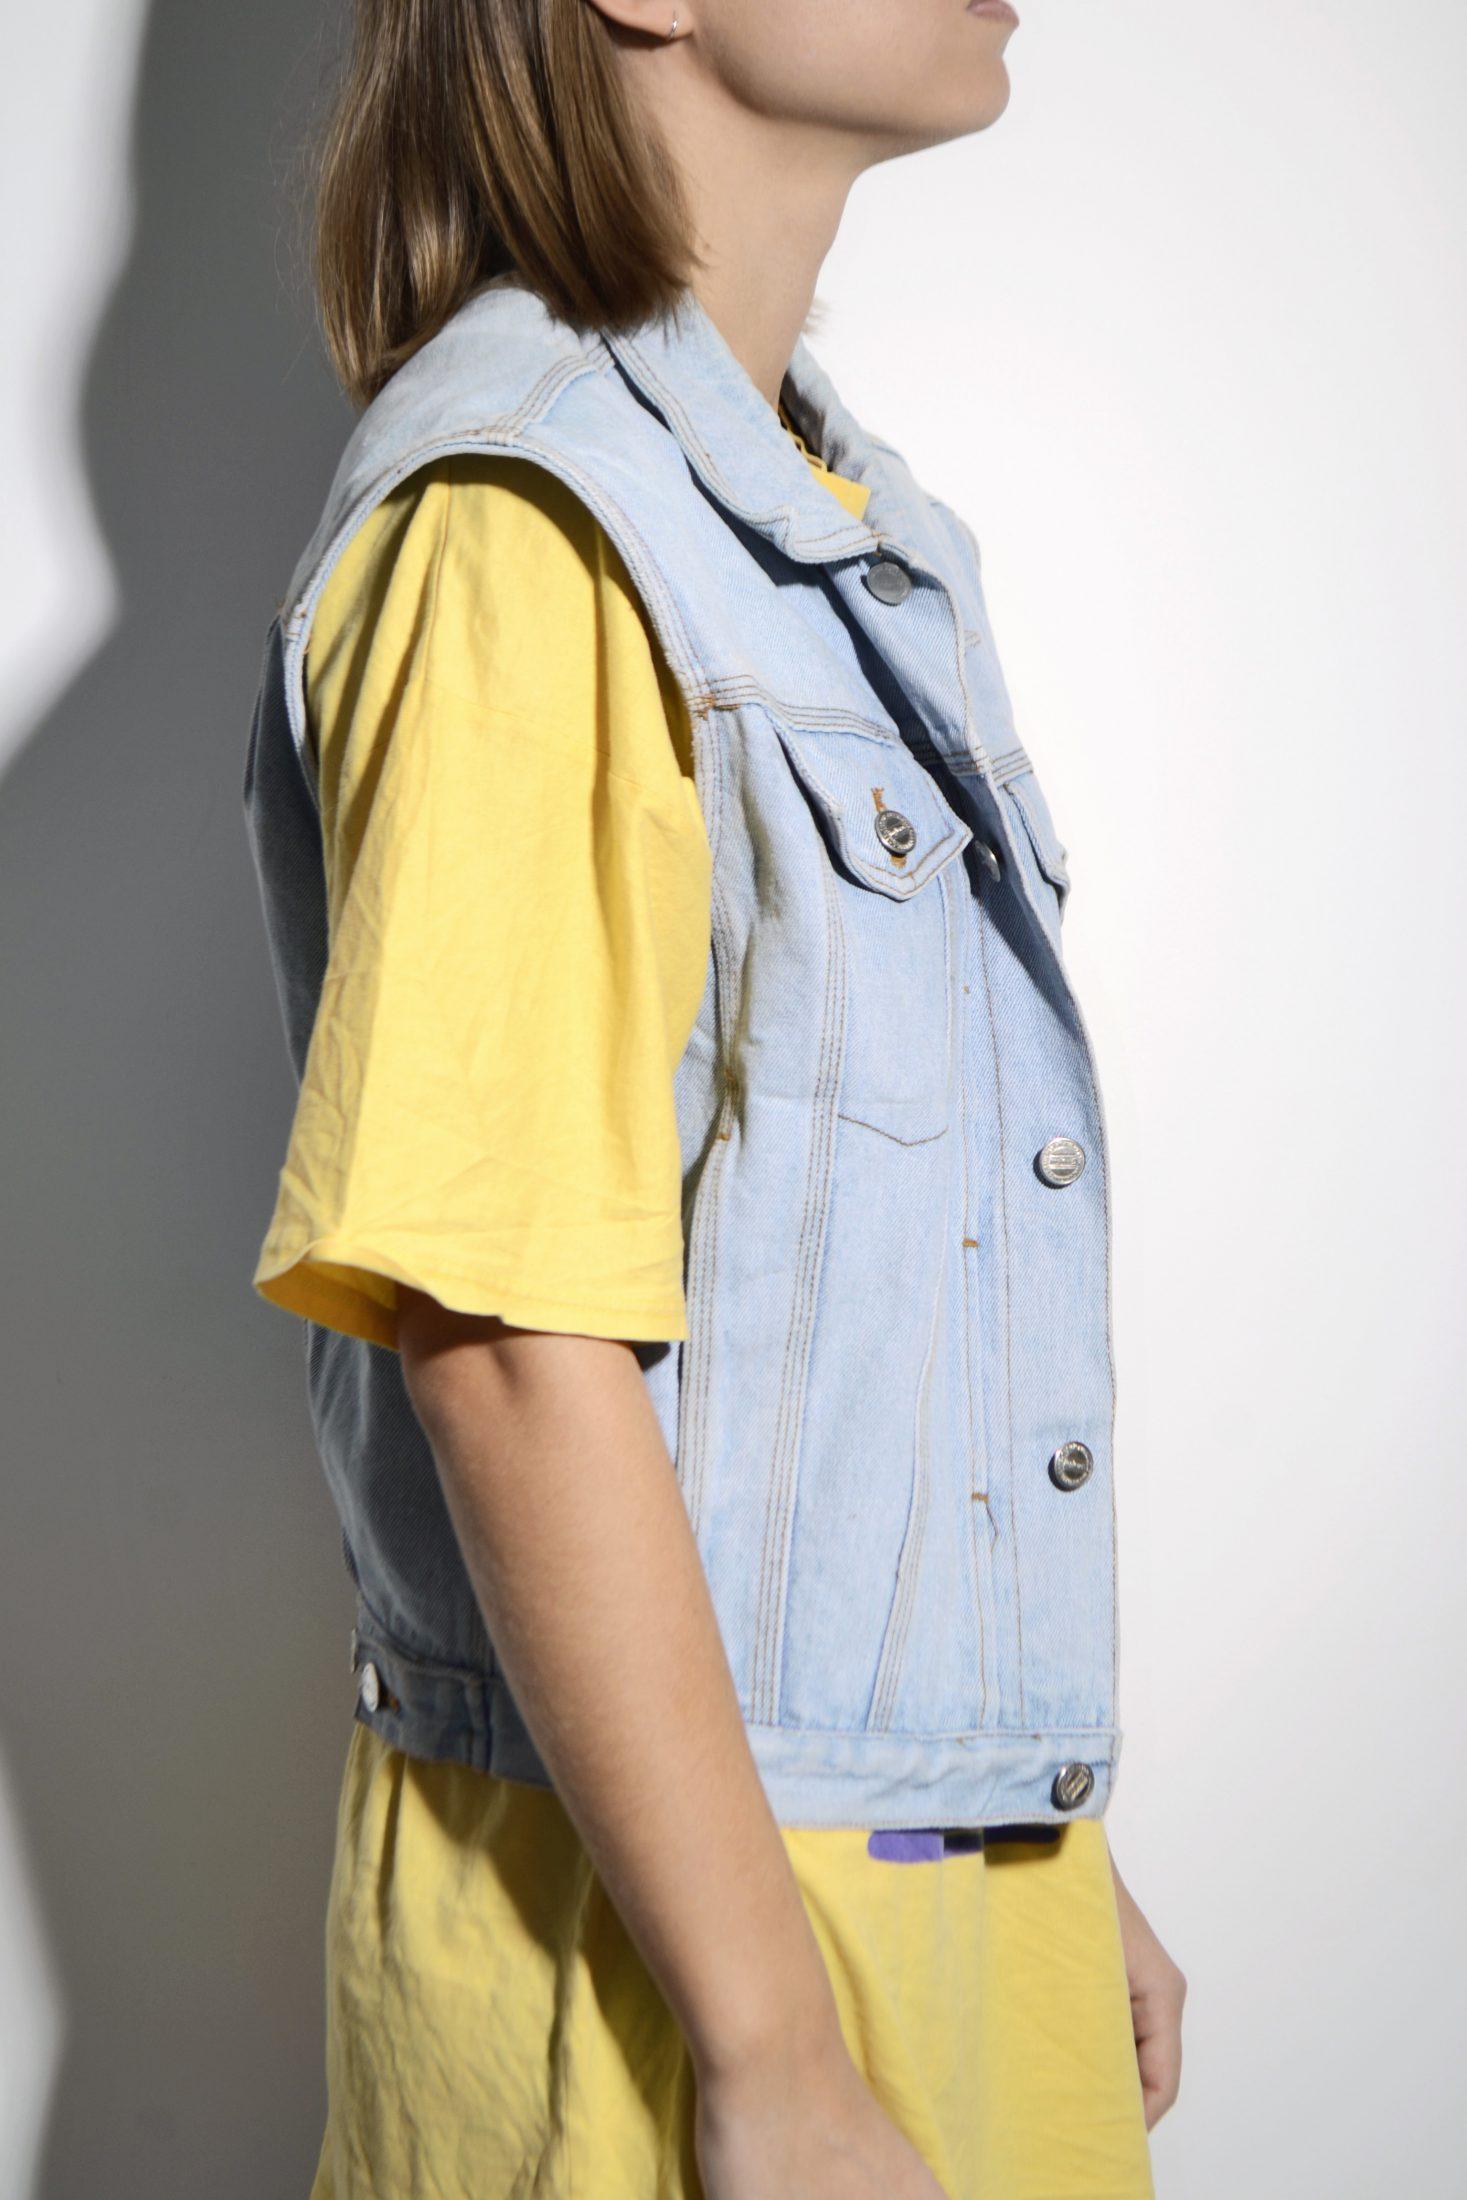 Vintage 80s Camptown Club Vest Green Blue Vest Vintage Shirt 80s Fashion Vintage Top 80s Vest New With Tags